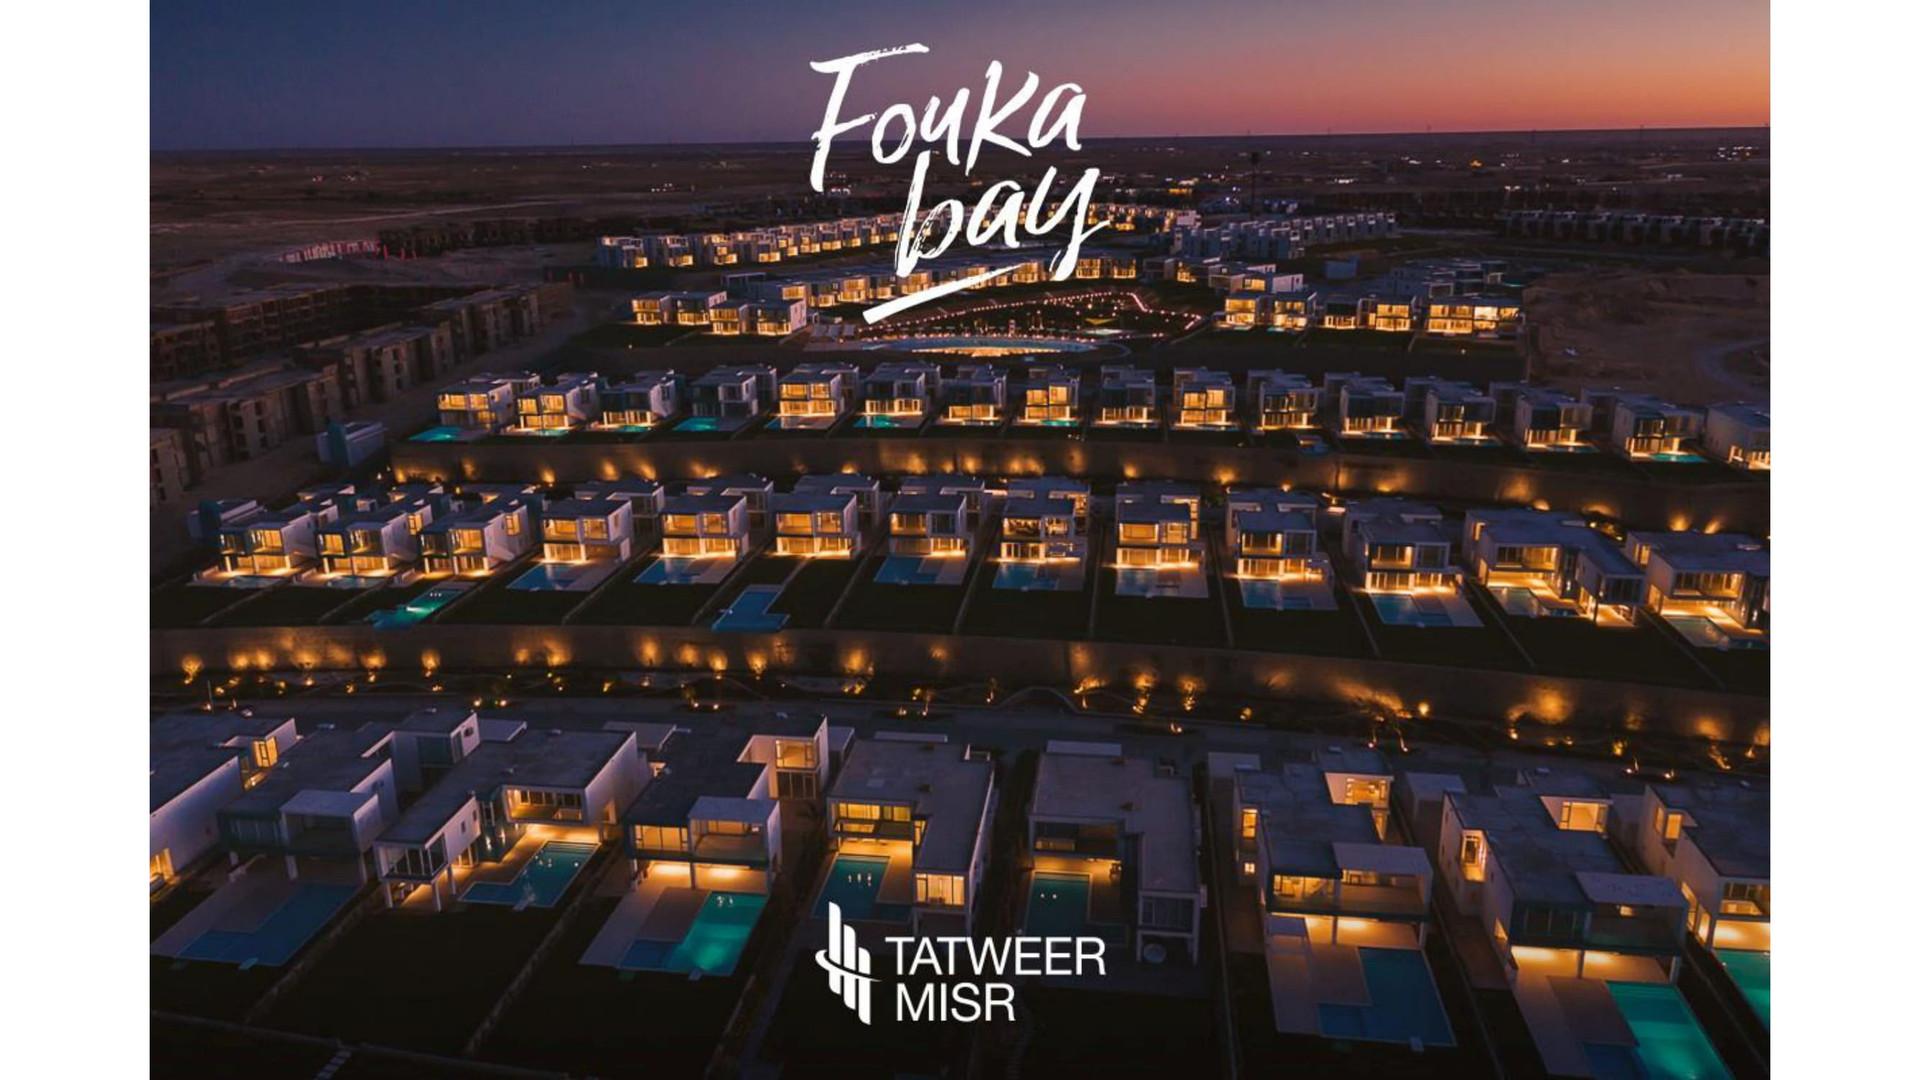 Fouka Live Photos-39.jpg